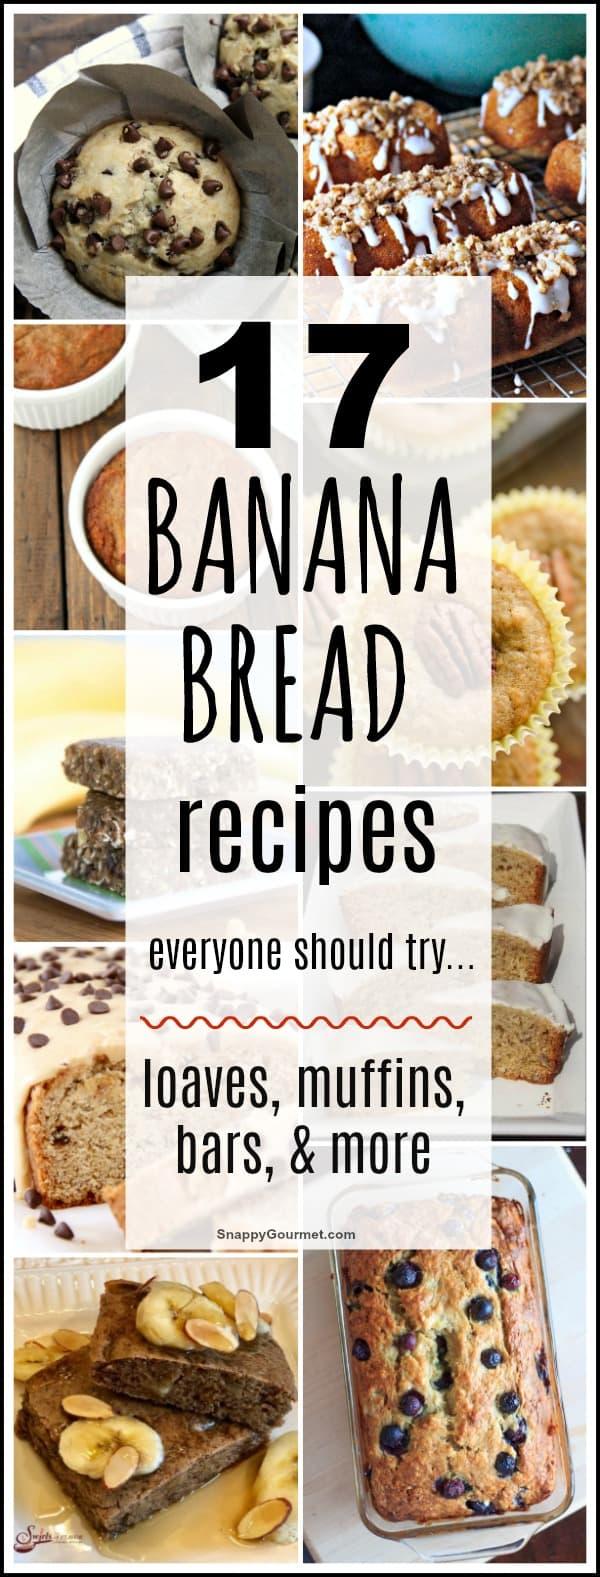 Easy Banana Bread Recipes - Snappy Gourmet